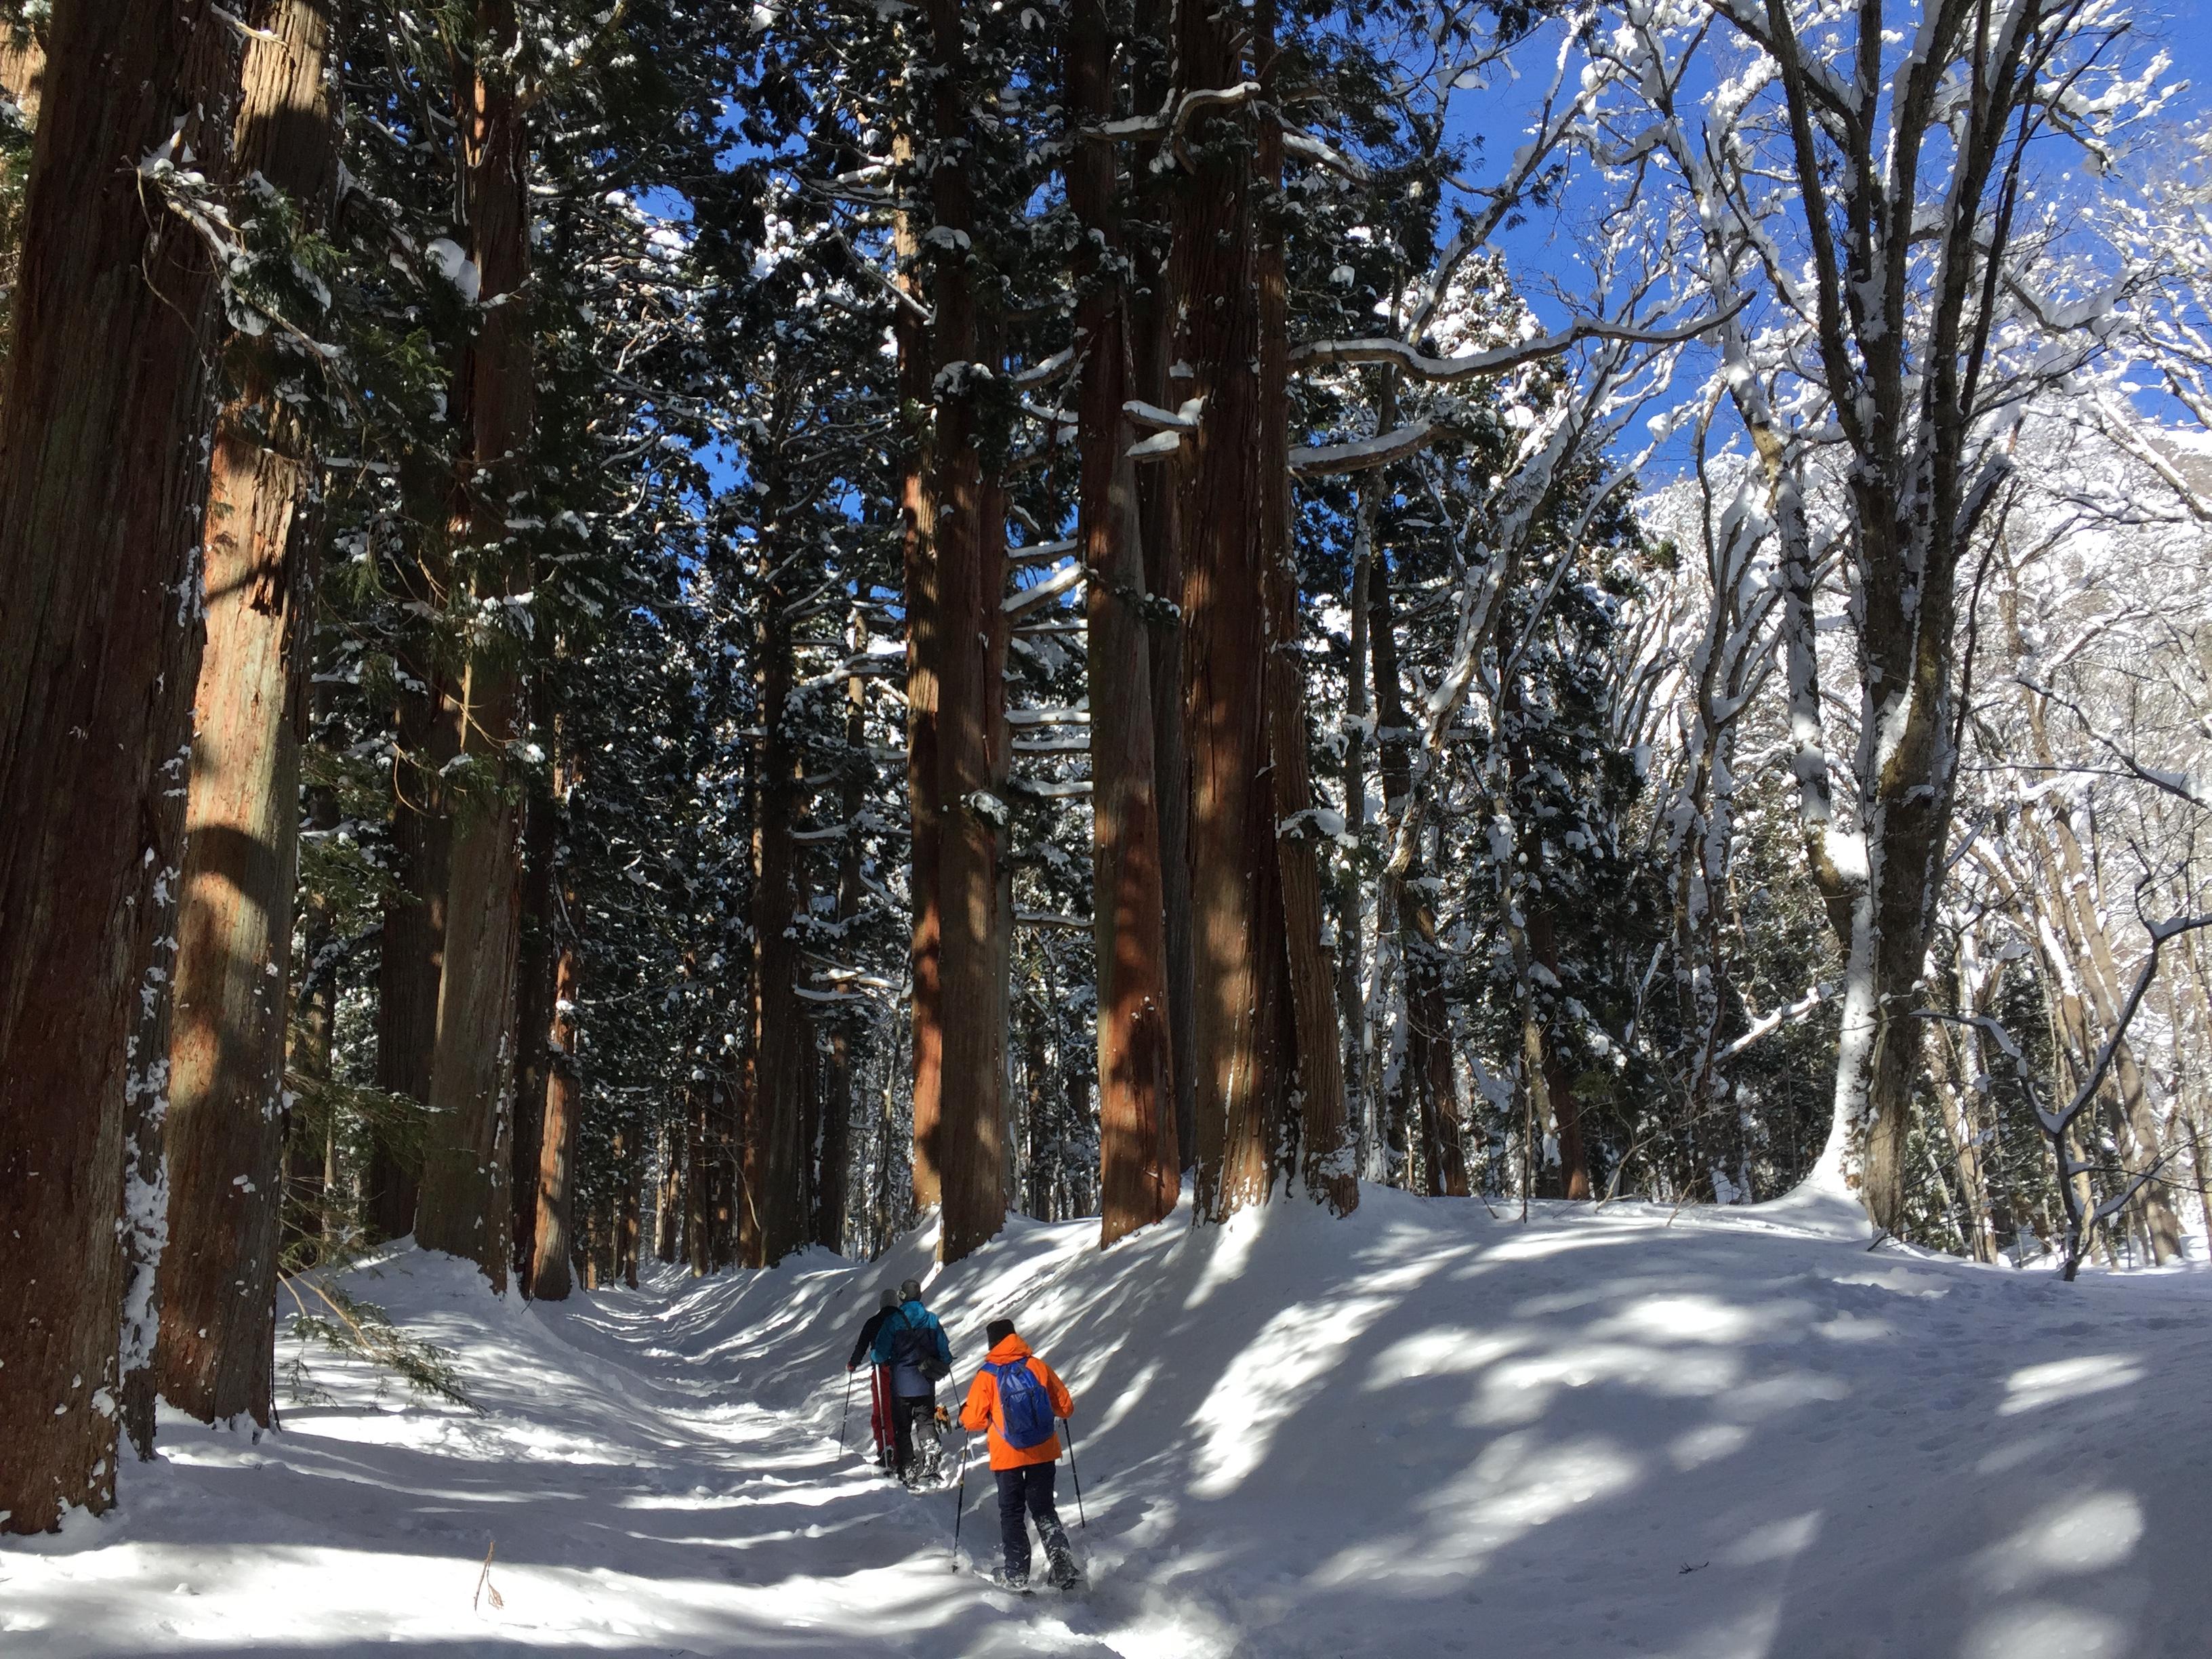 樹齢約400年を超える杉並木道を歩くスノーアクティビティ客